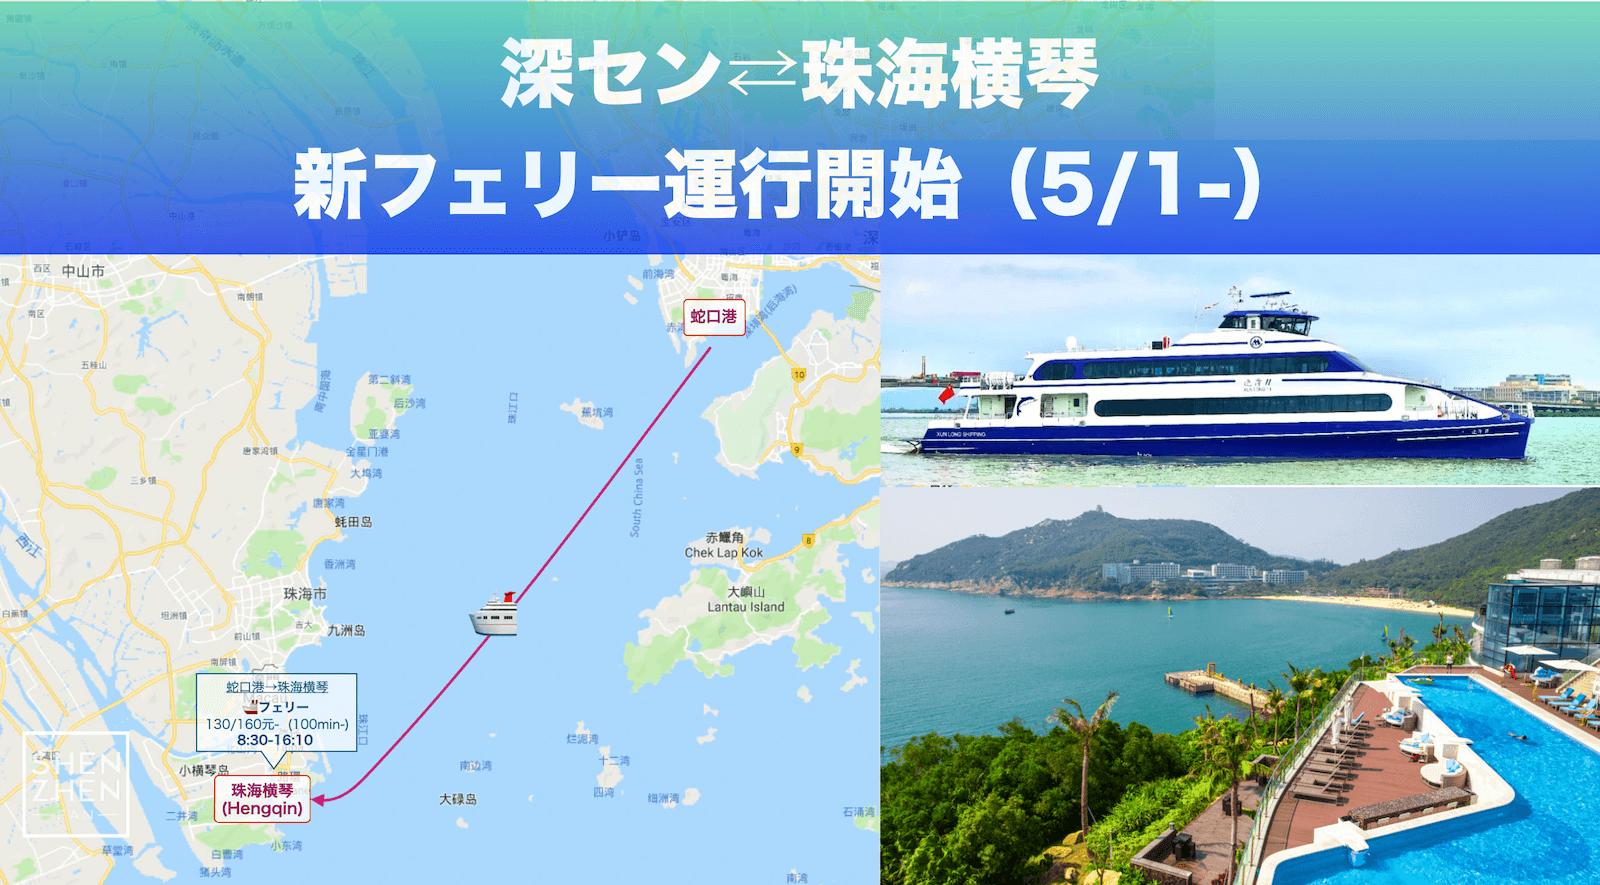 深センと珠海を結ぶフェリー新ルート「蛇口ー珠海横琴」5月1日より運航開始:2ヶ月限定で運賃50%OFFに!